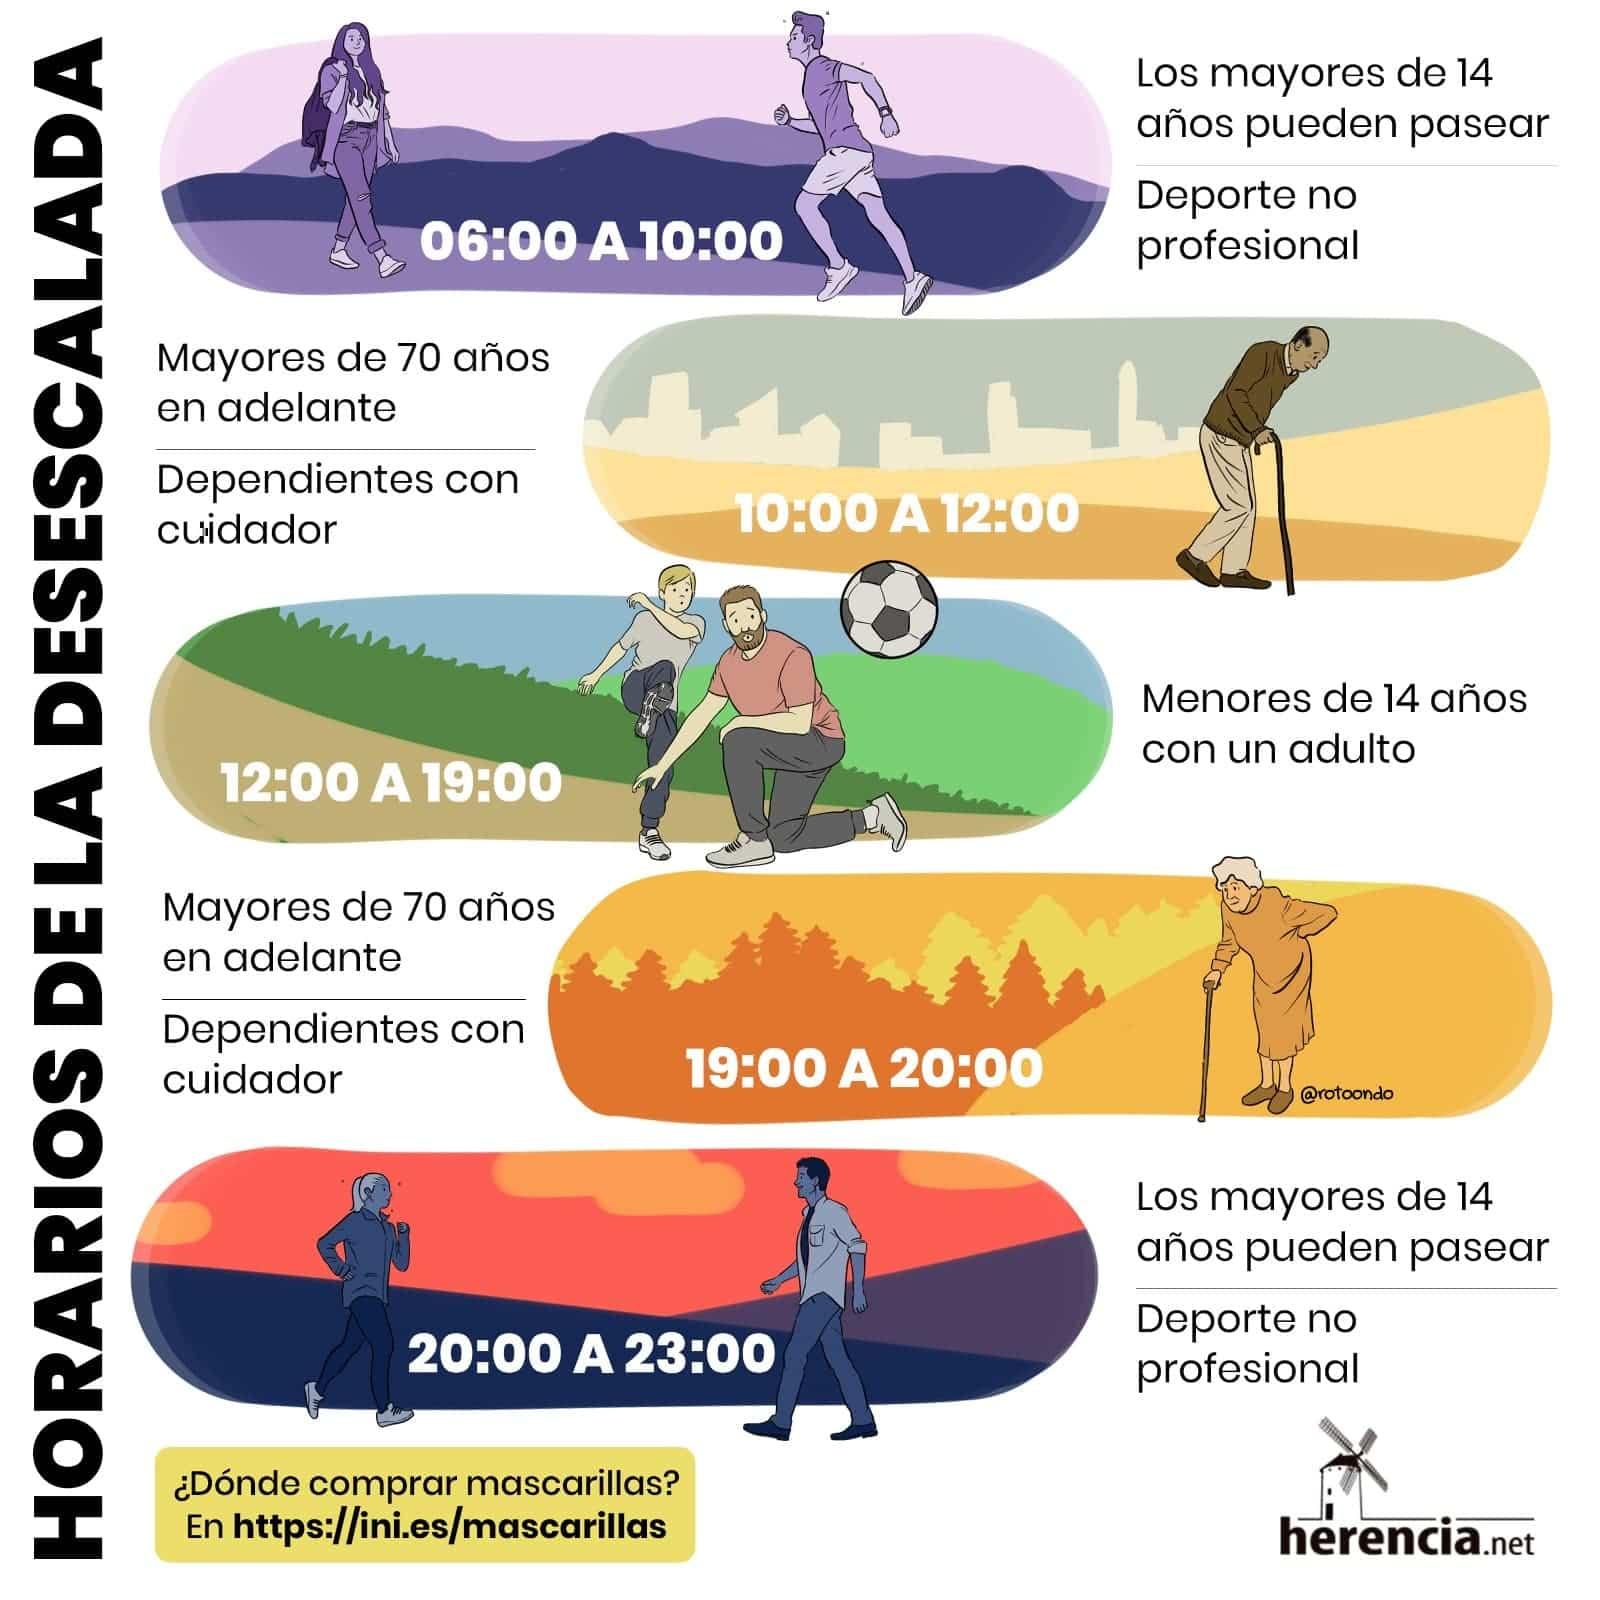 horarios desescalada herencia net - Descubre como son los diferentes horarios de salida del confinamiento